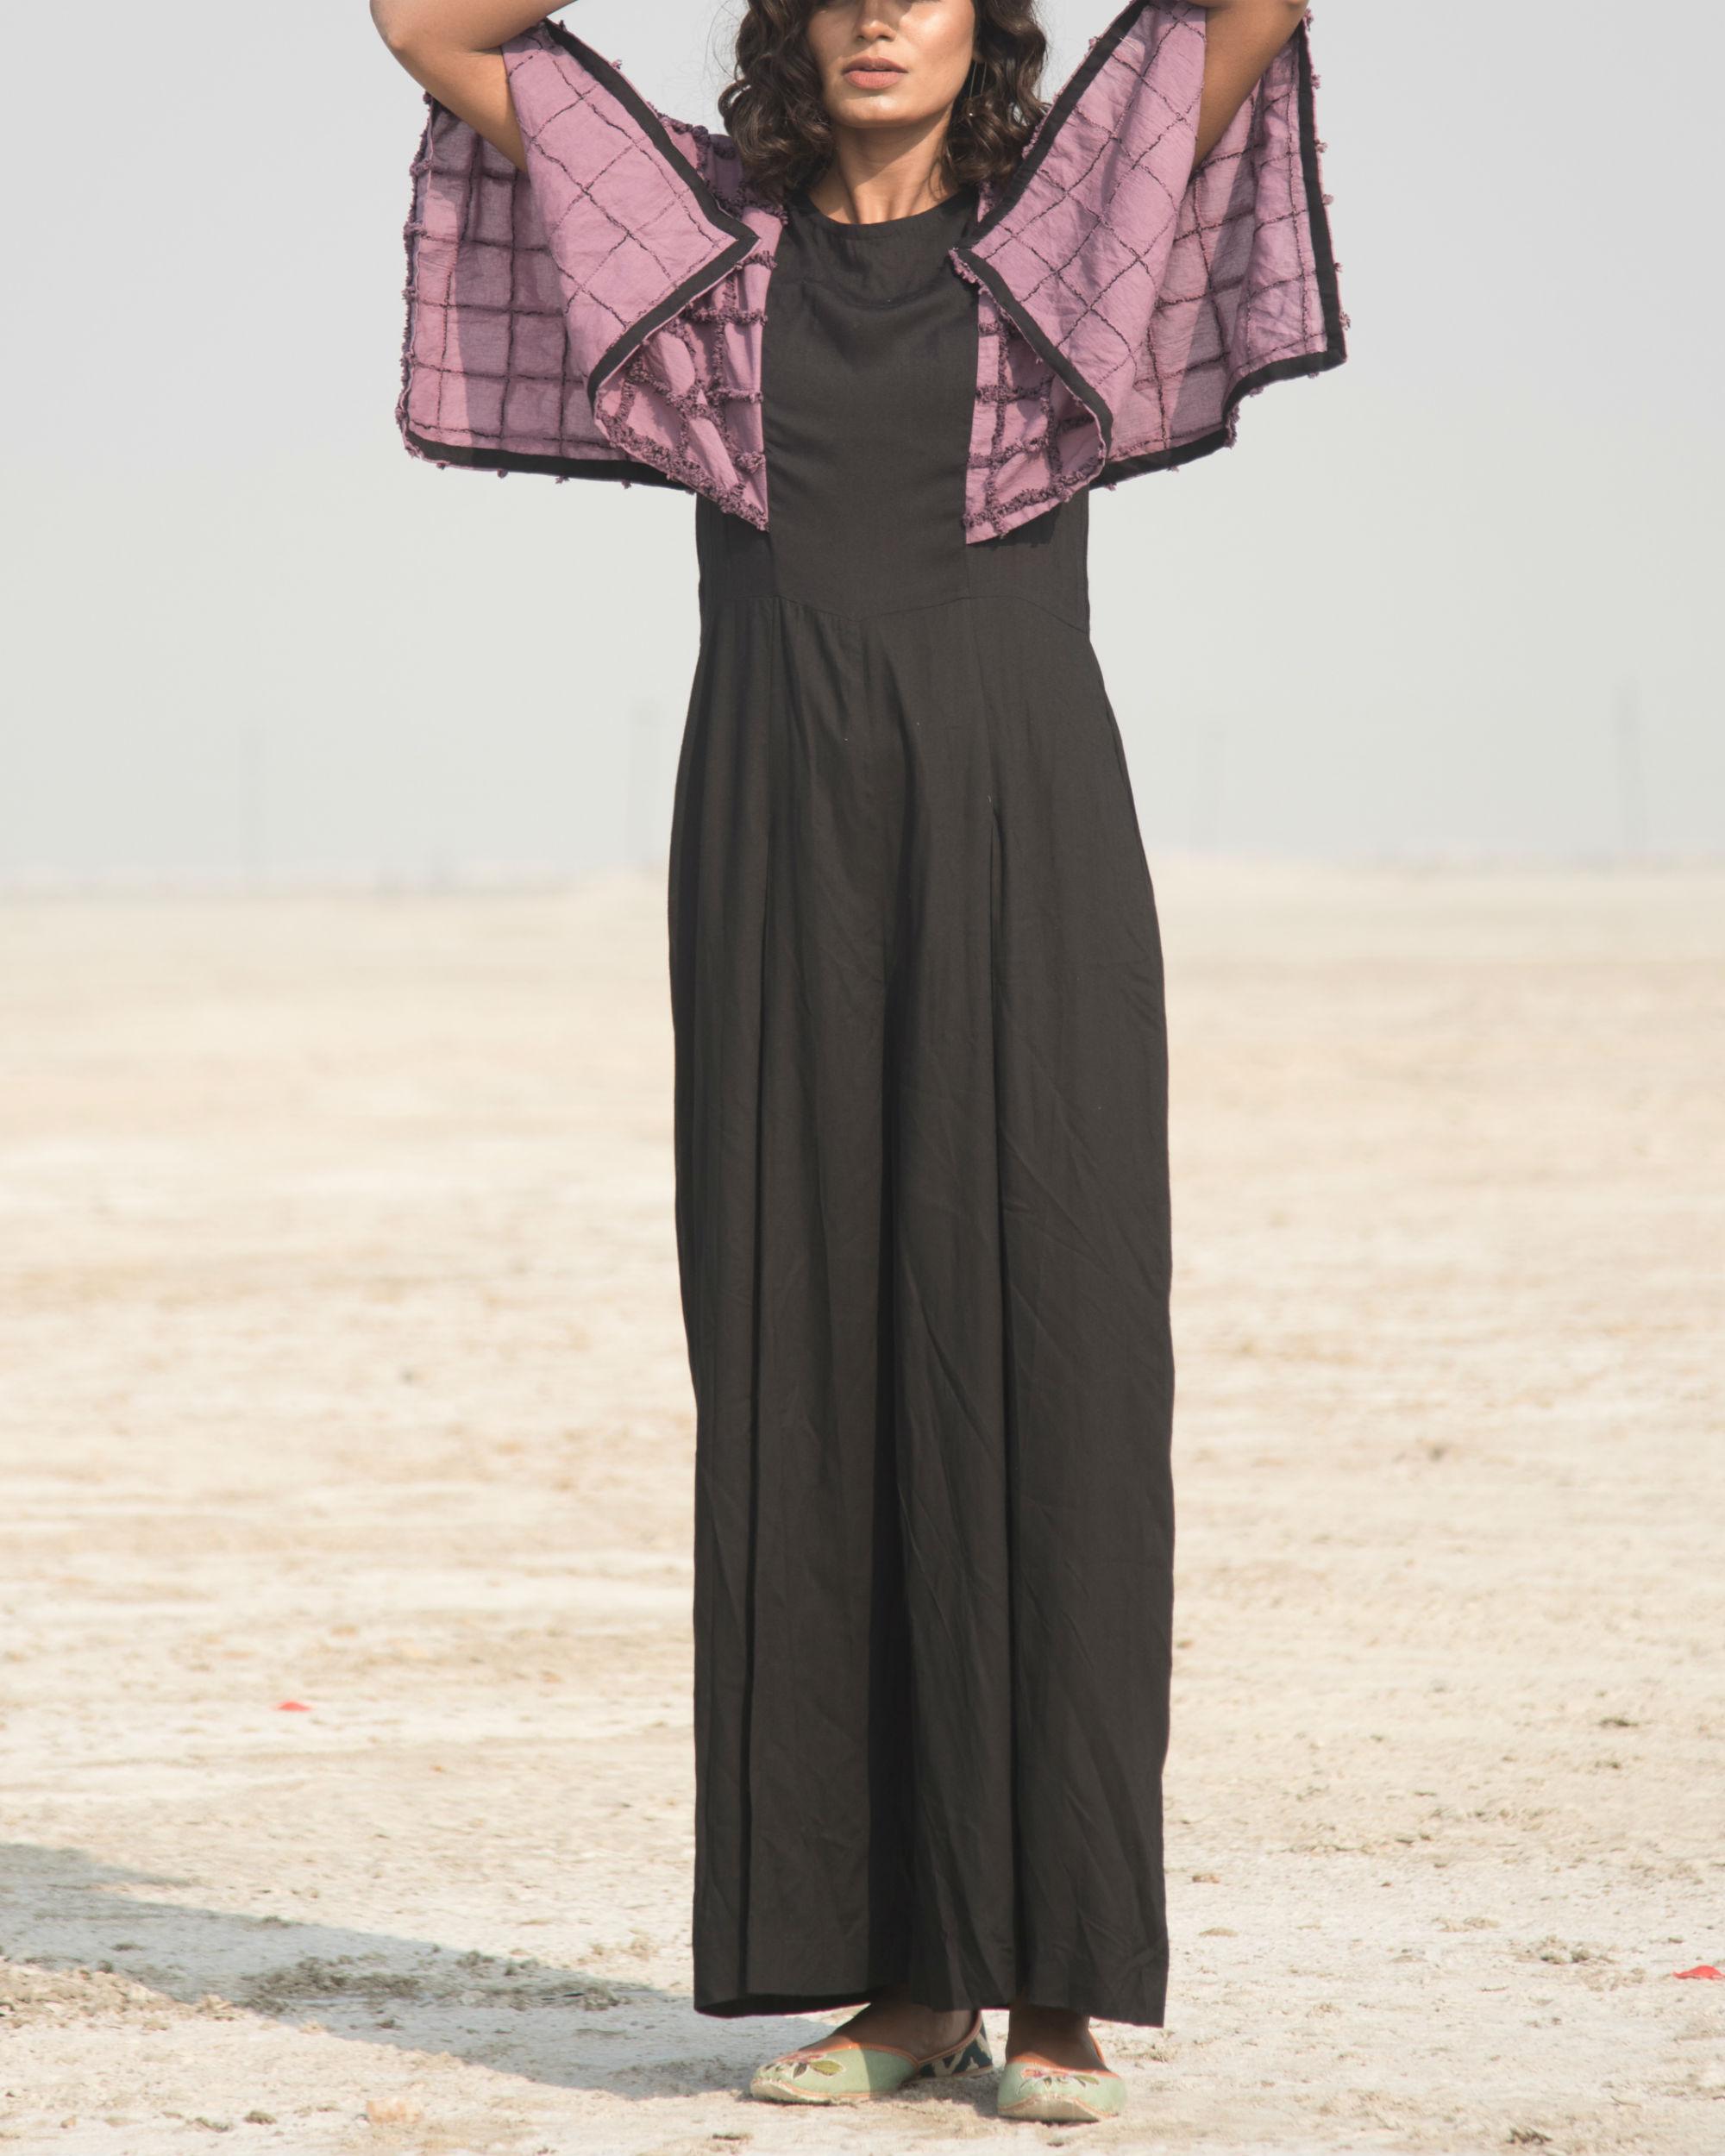 Mauve and black jumpsuit